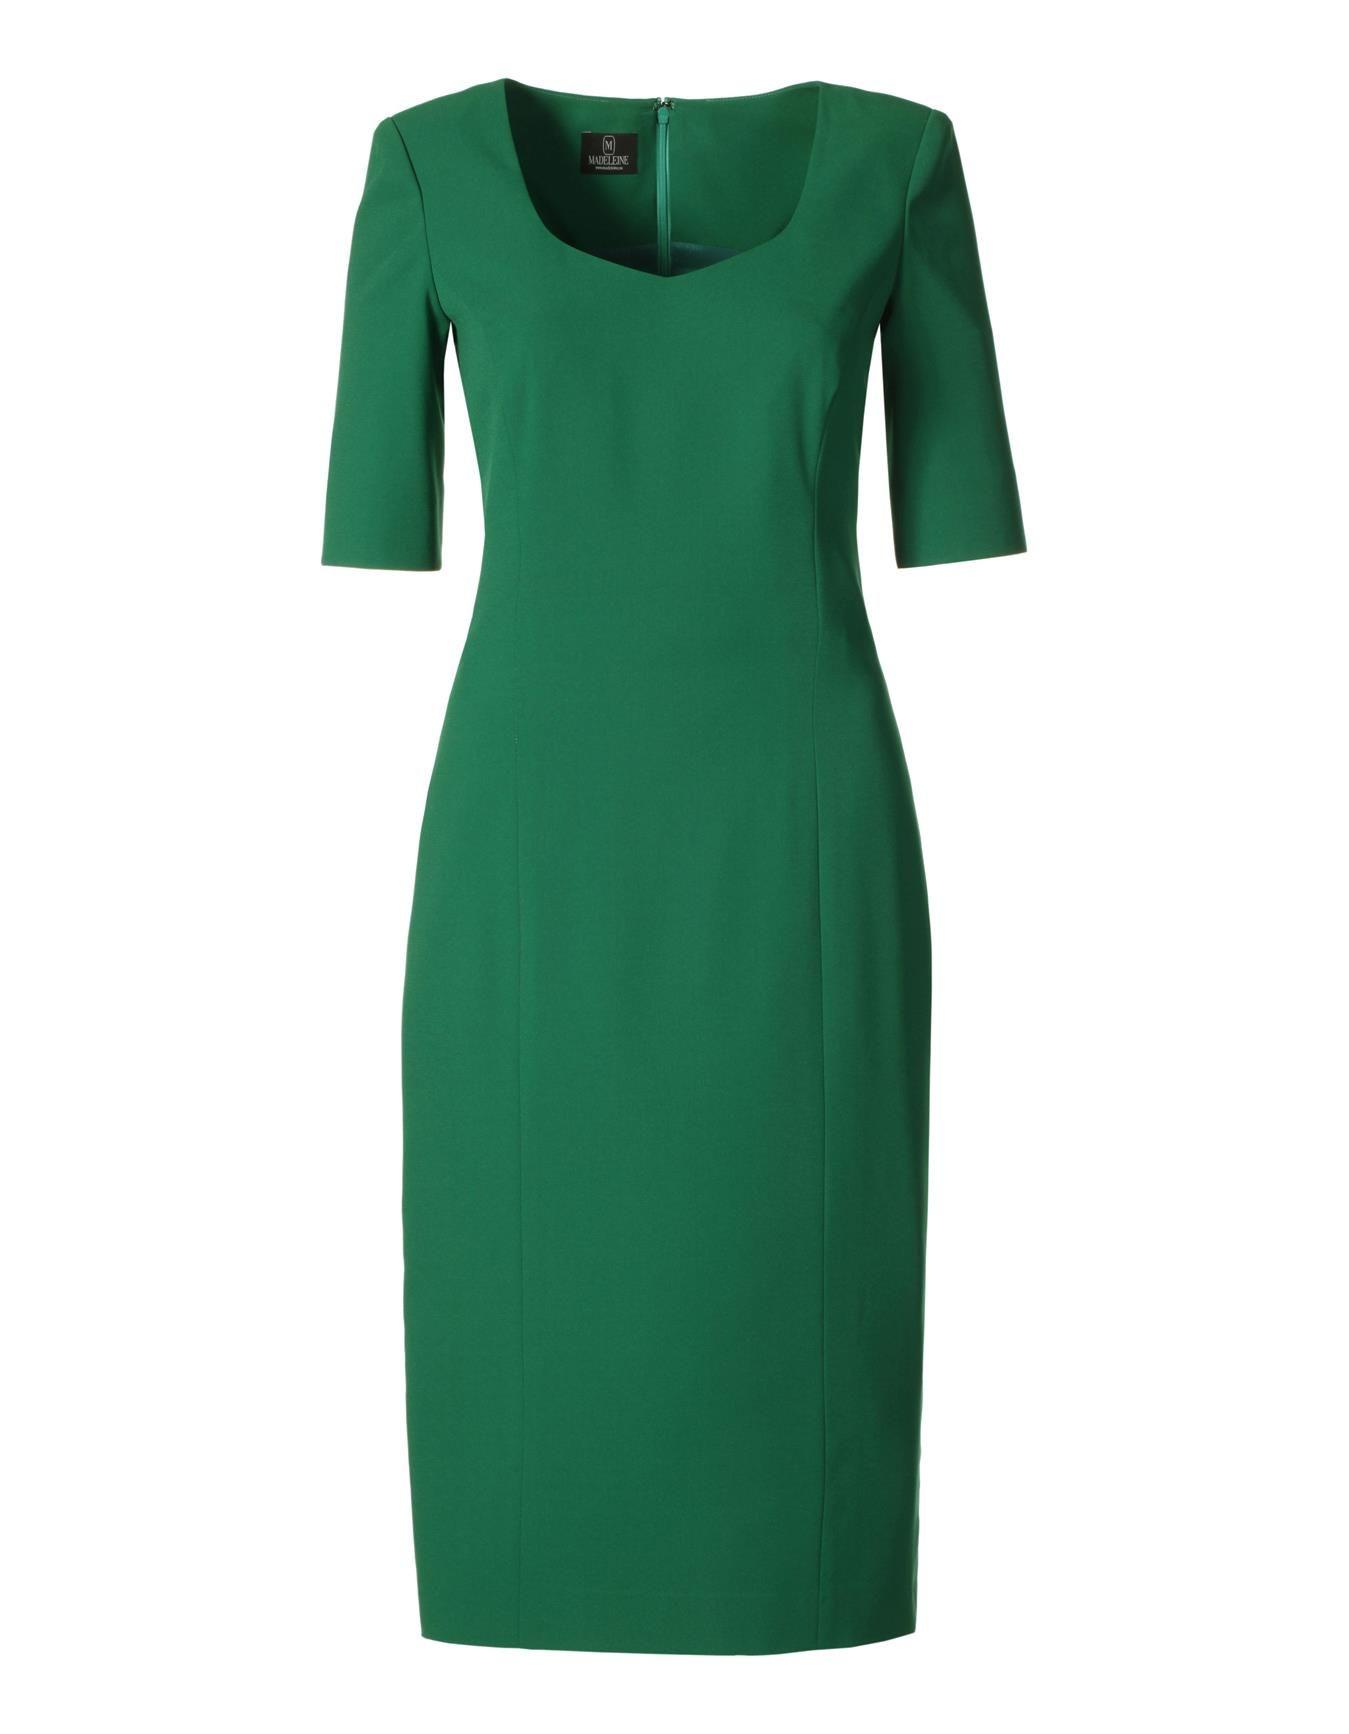 Kleid mit Halbarm in den Farben grün, schwarz - im MADELEINE Mode ...